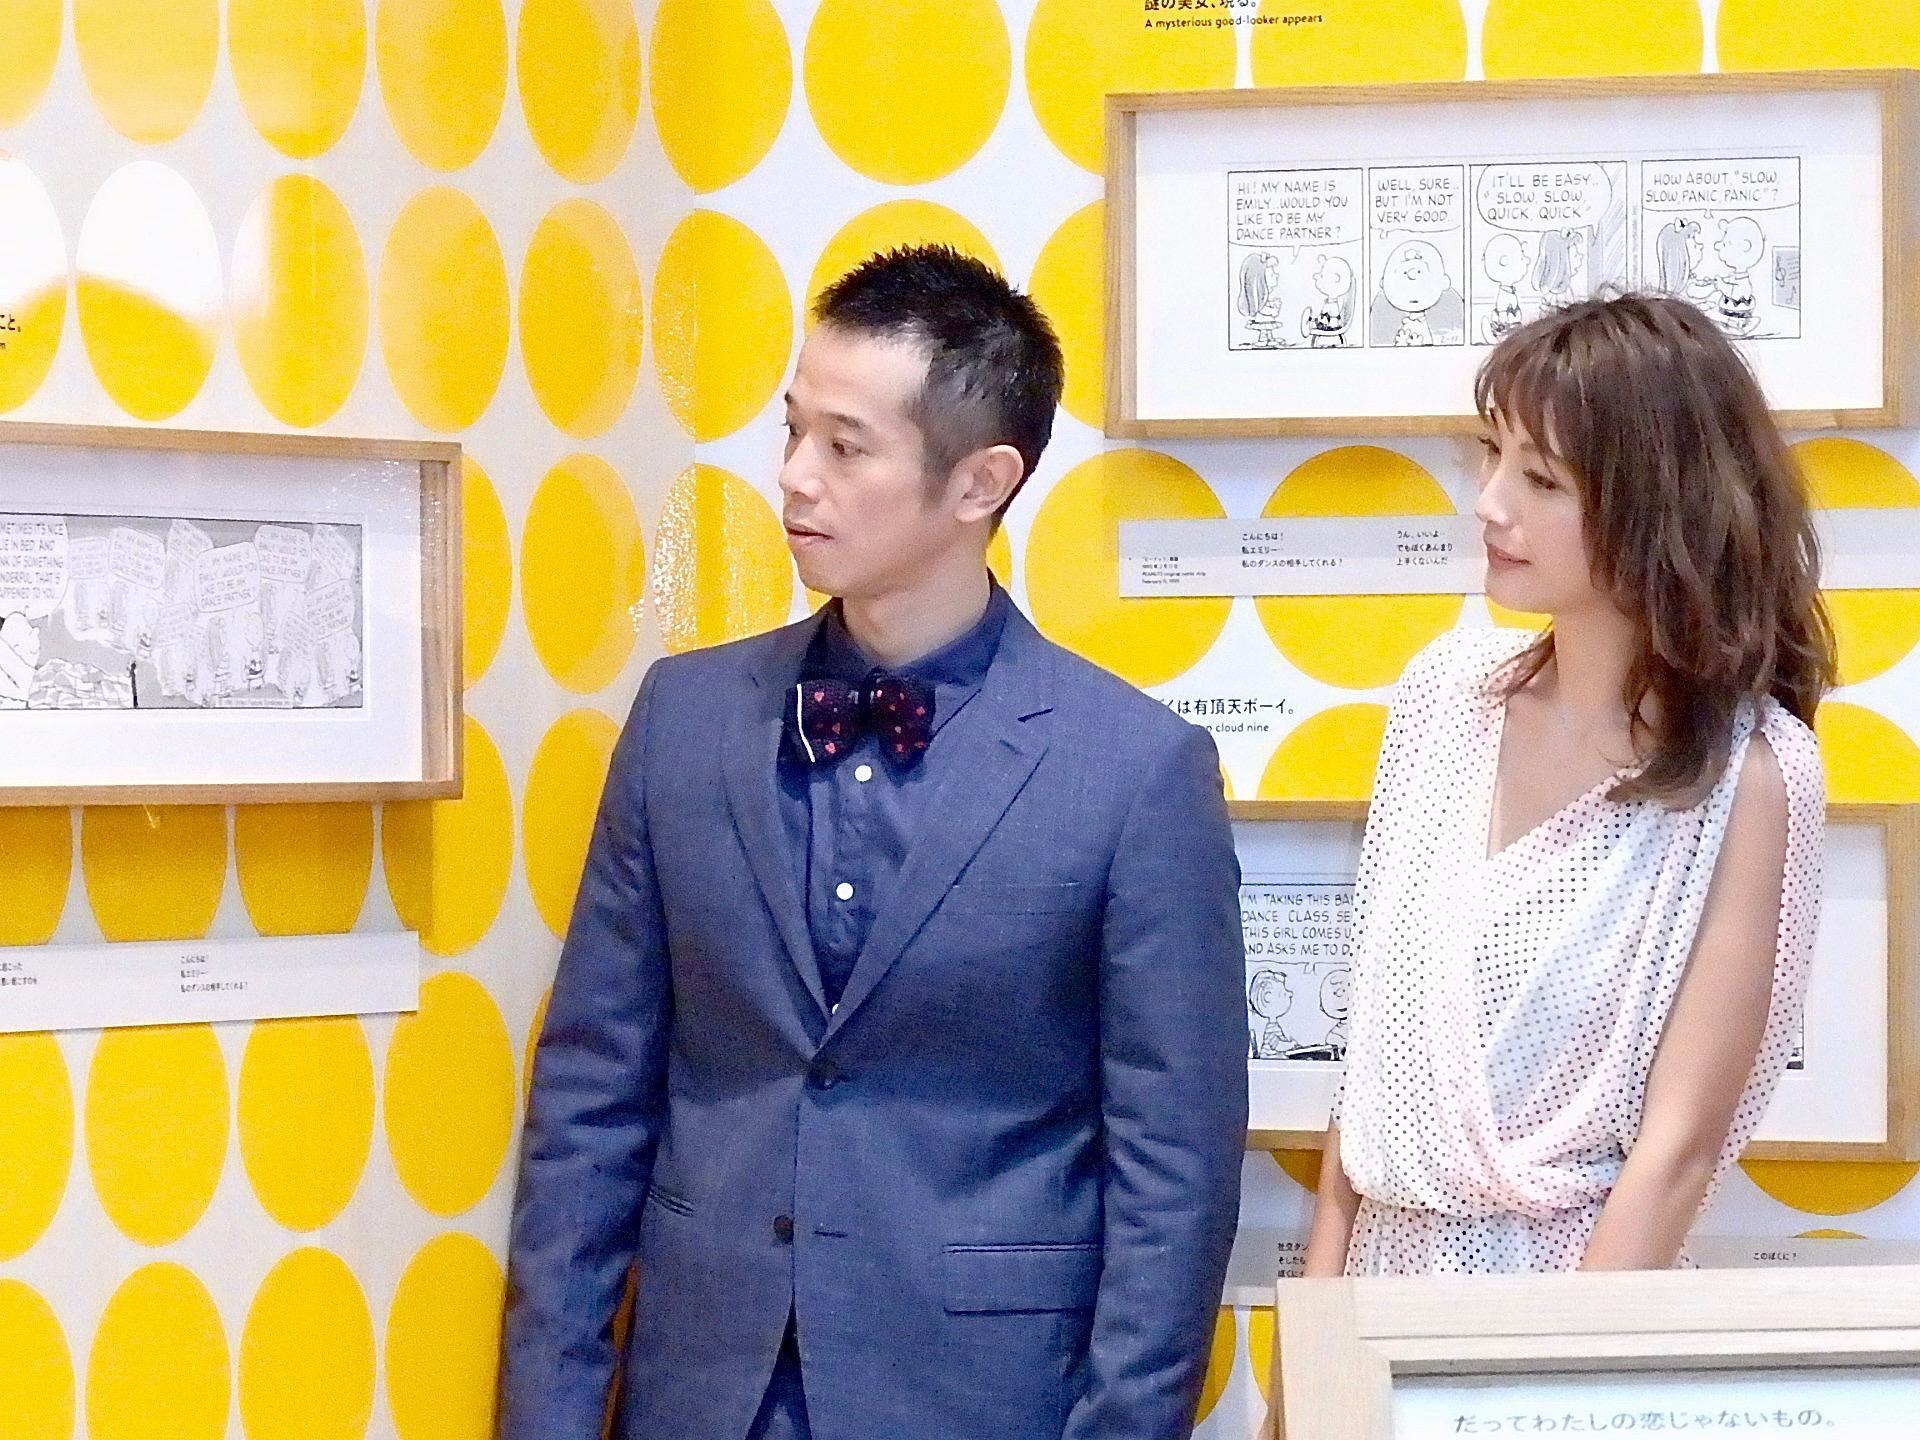 http://news.yoshimoto.co.jp/20180206180915-c957f83b987d13ca25cb5c0e725e3f4364645af7.jpg